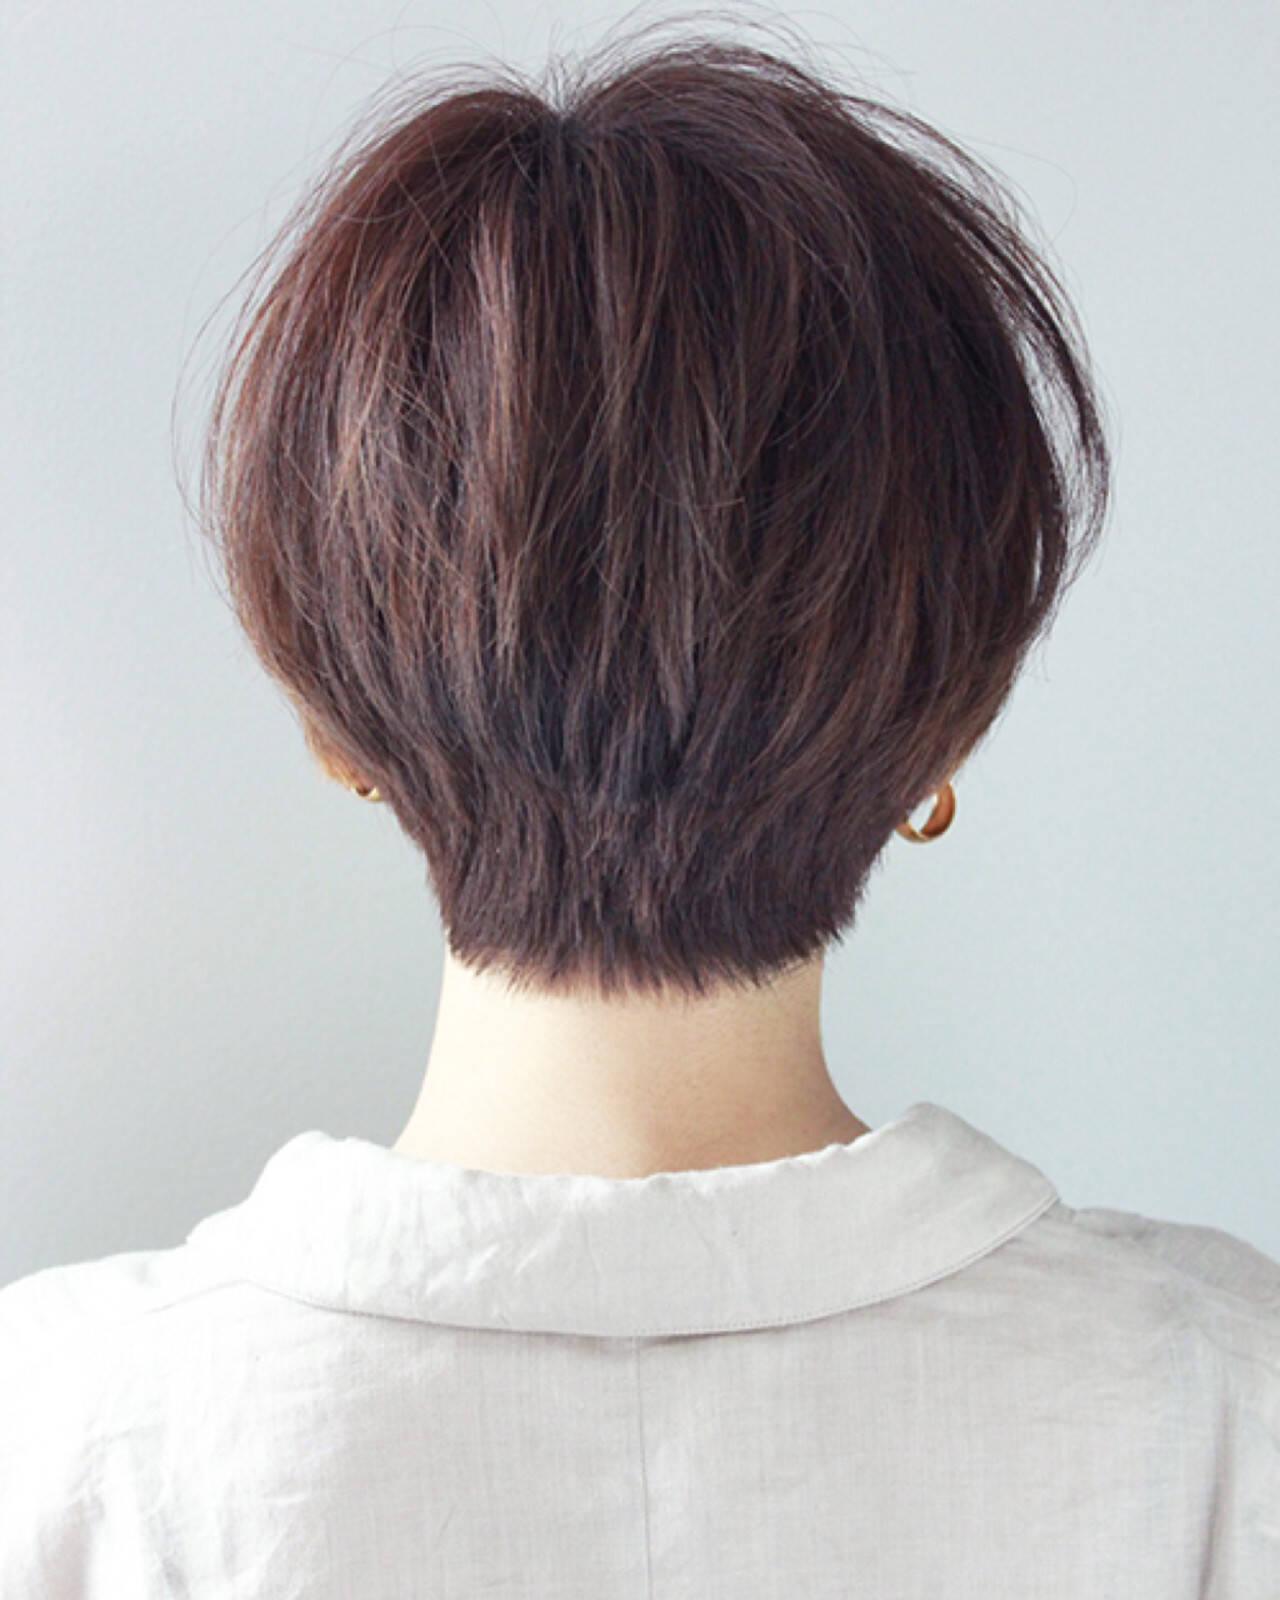 小顔 マッシュ モード ダブルカラーヘアスタイルや髪型の写真・画像